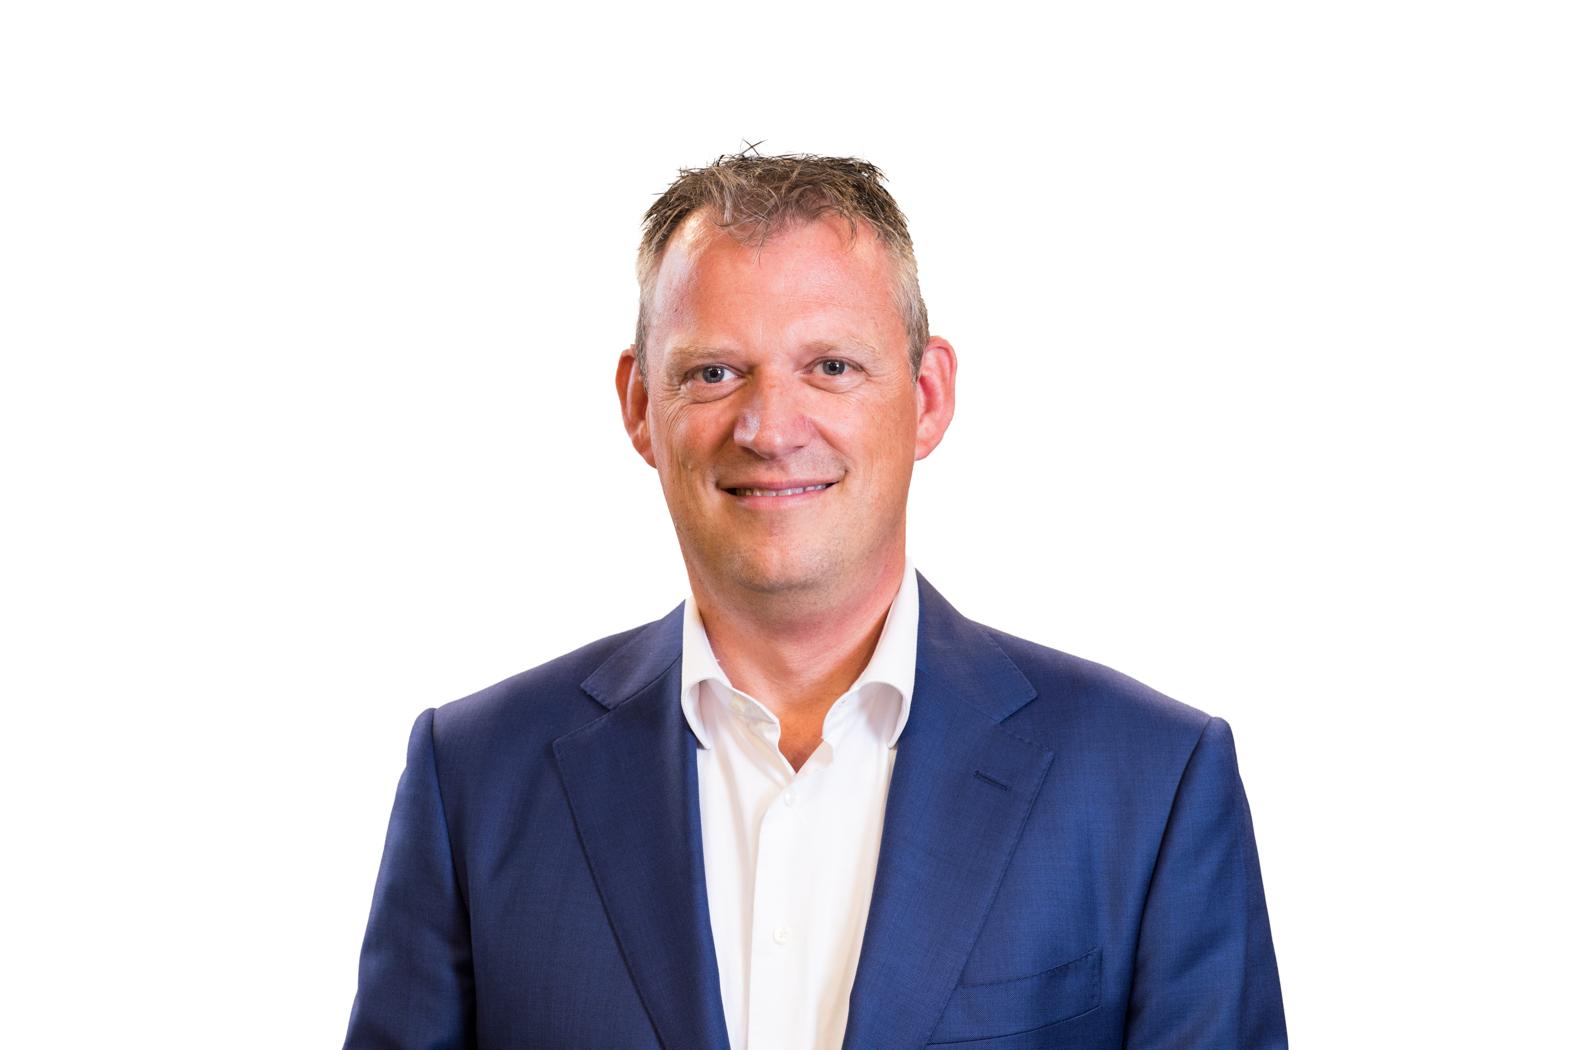 Marco van der Schaft